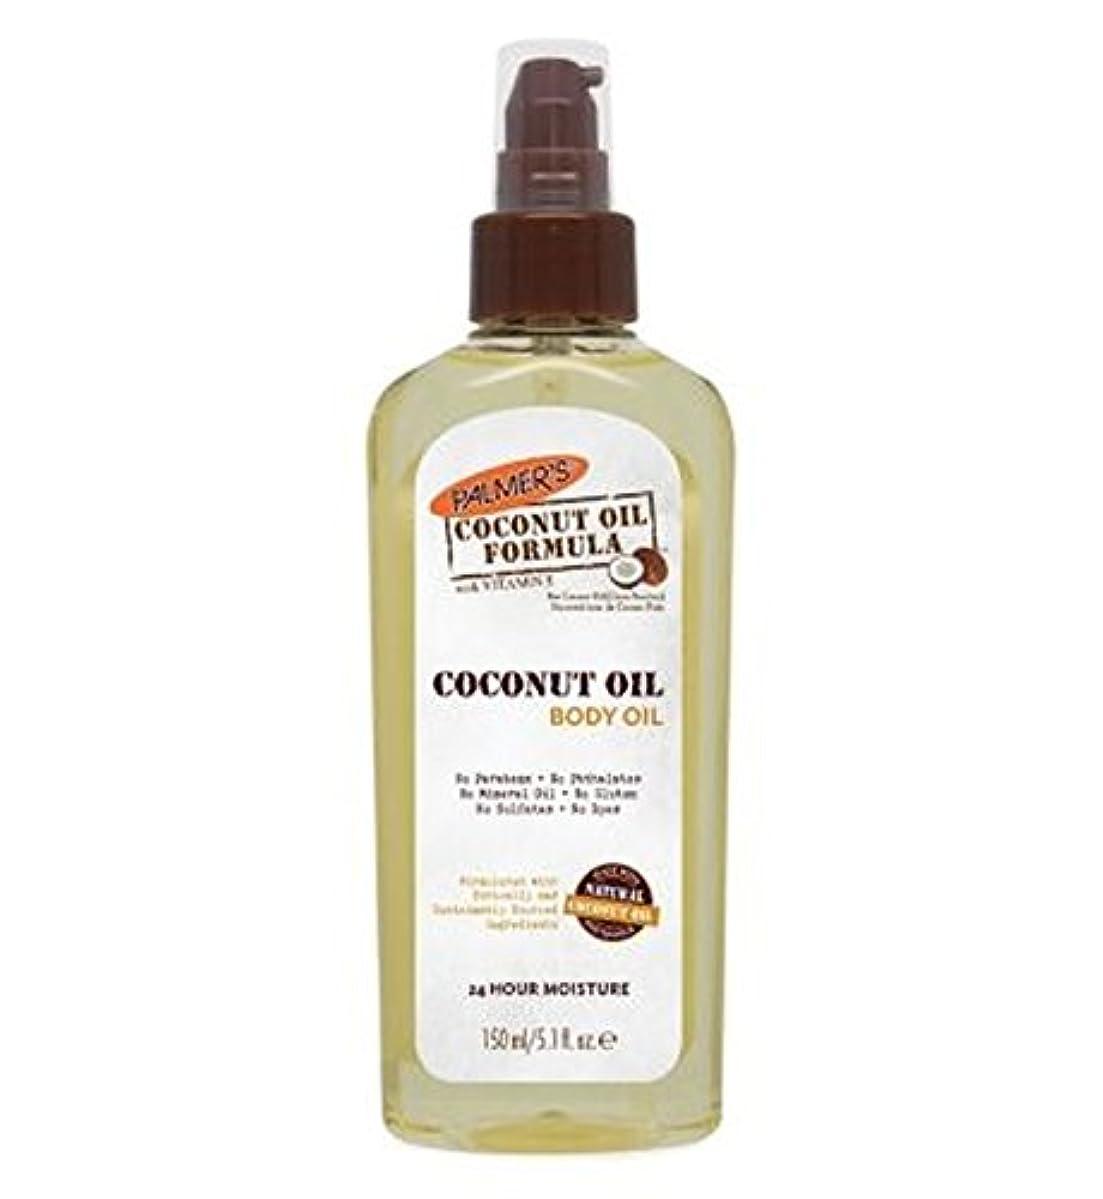 フィールド震えるサーキットに行くPalmer's Coconut Oil Formula Body Oil 150ml - パーマーのココナッツオイル式ボディオイル150ミリリットル (Palmer's) [並行輸入品]